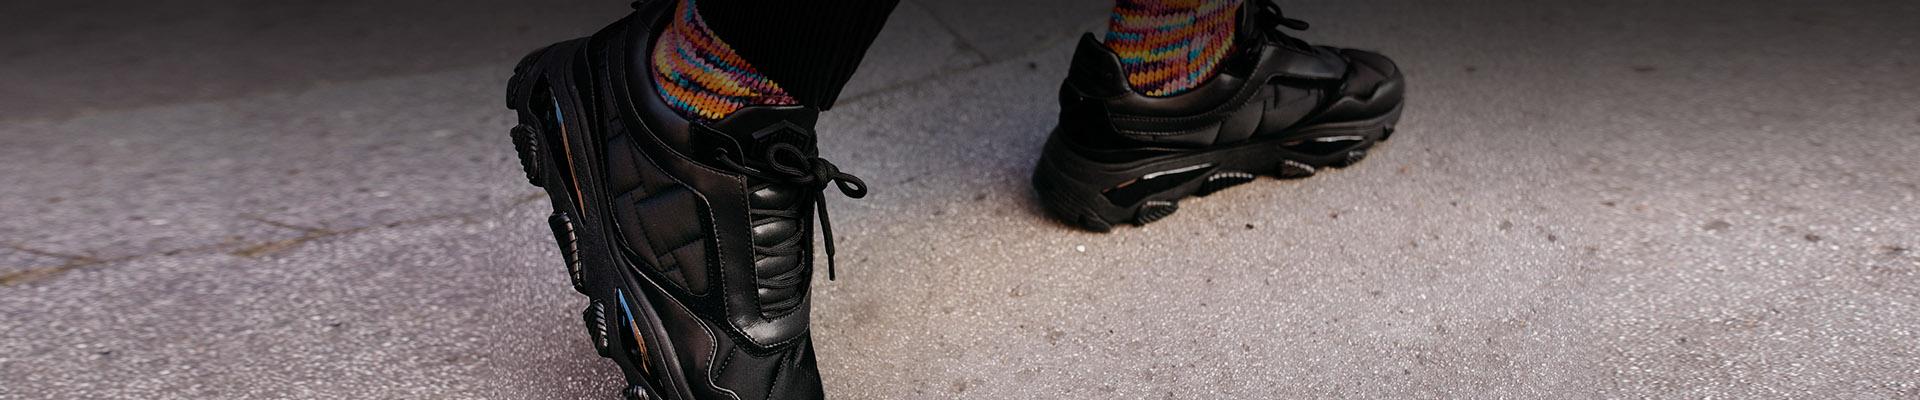 Men's Sandals & Sliders